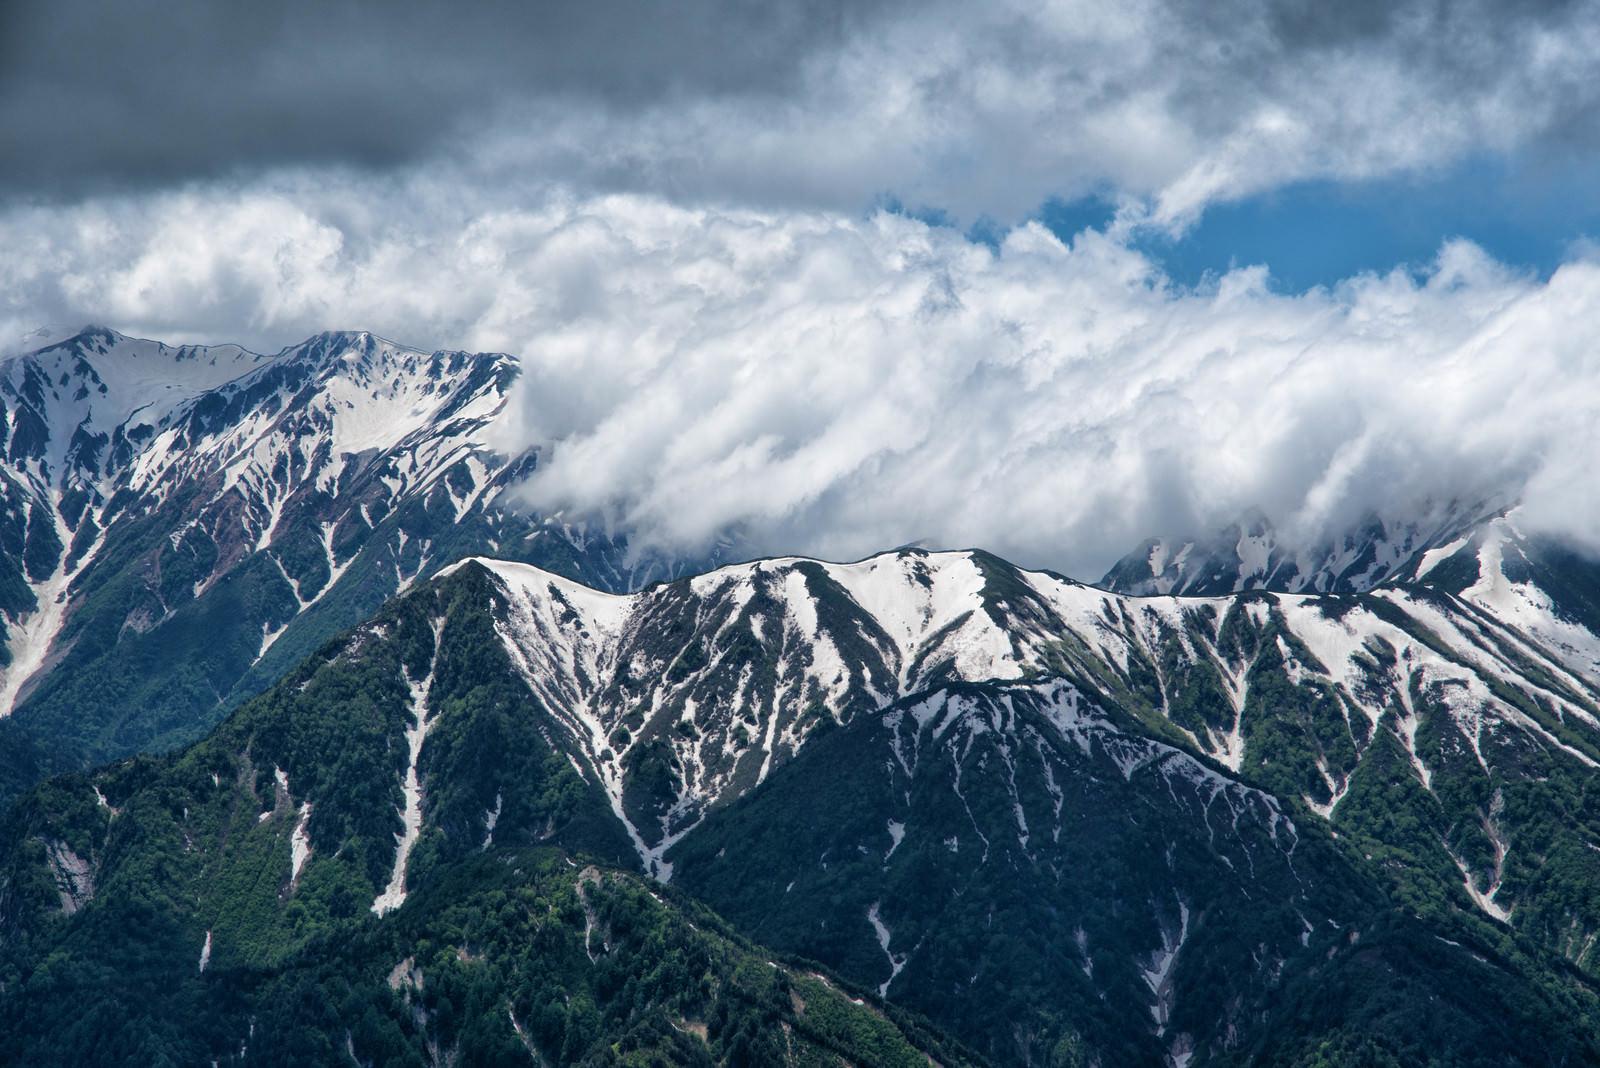 「立山を飲み込む滝雲(タキグモ)」の写真